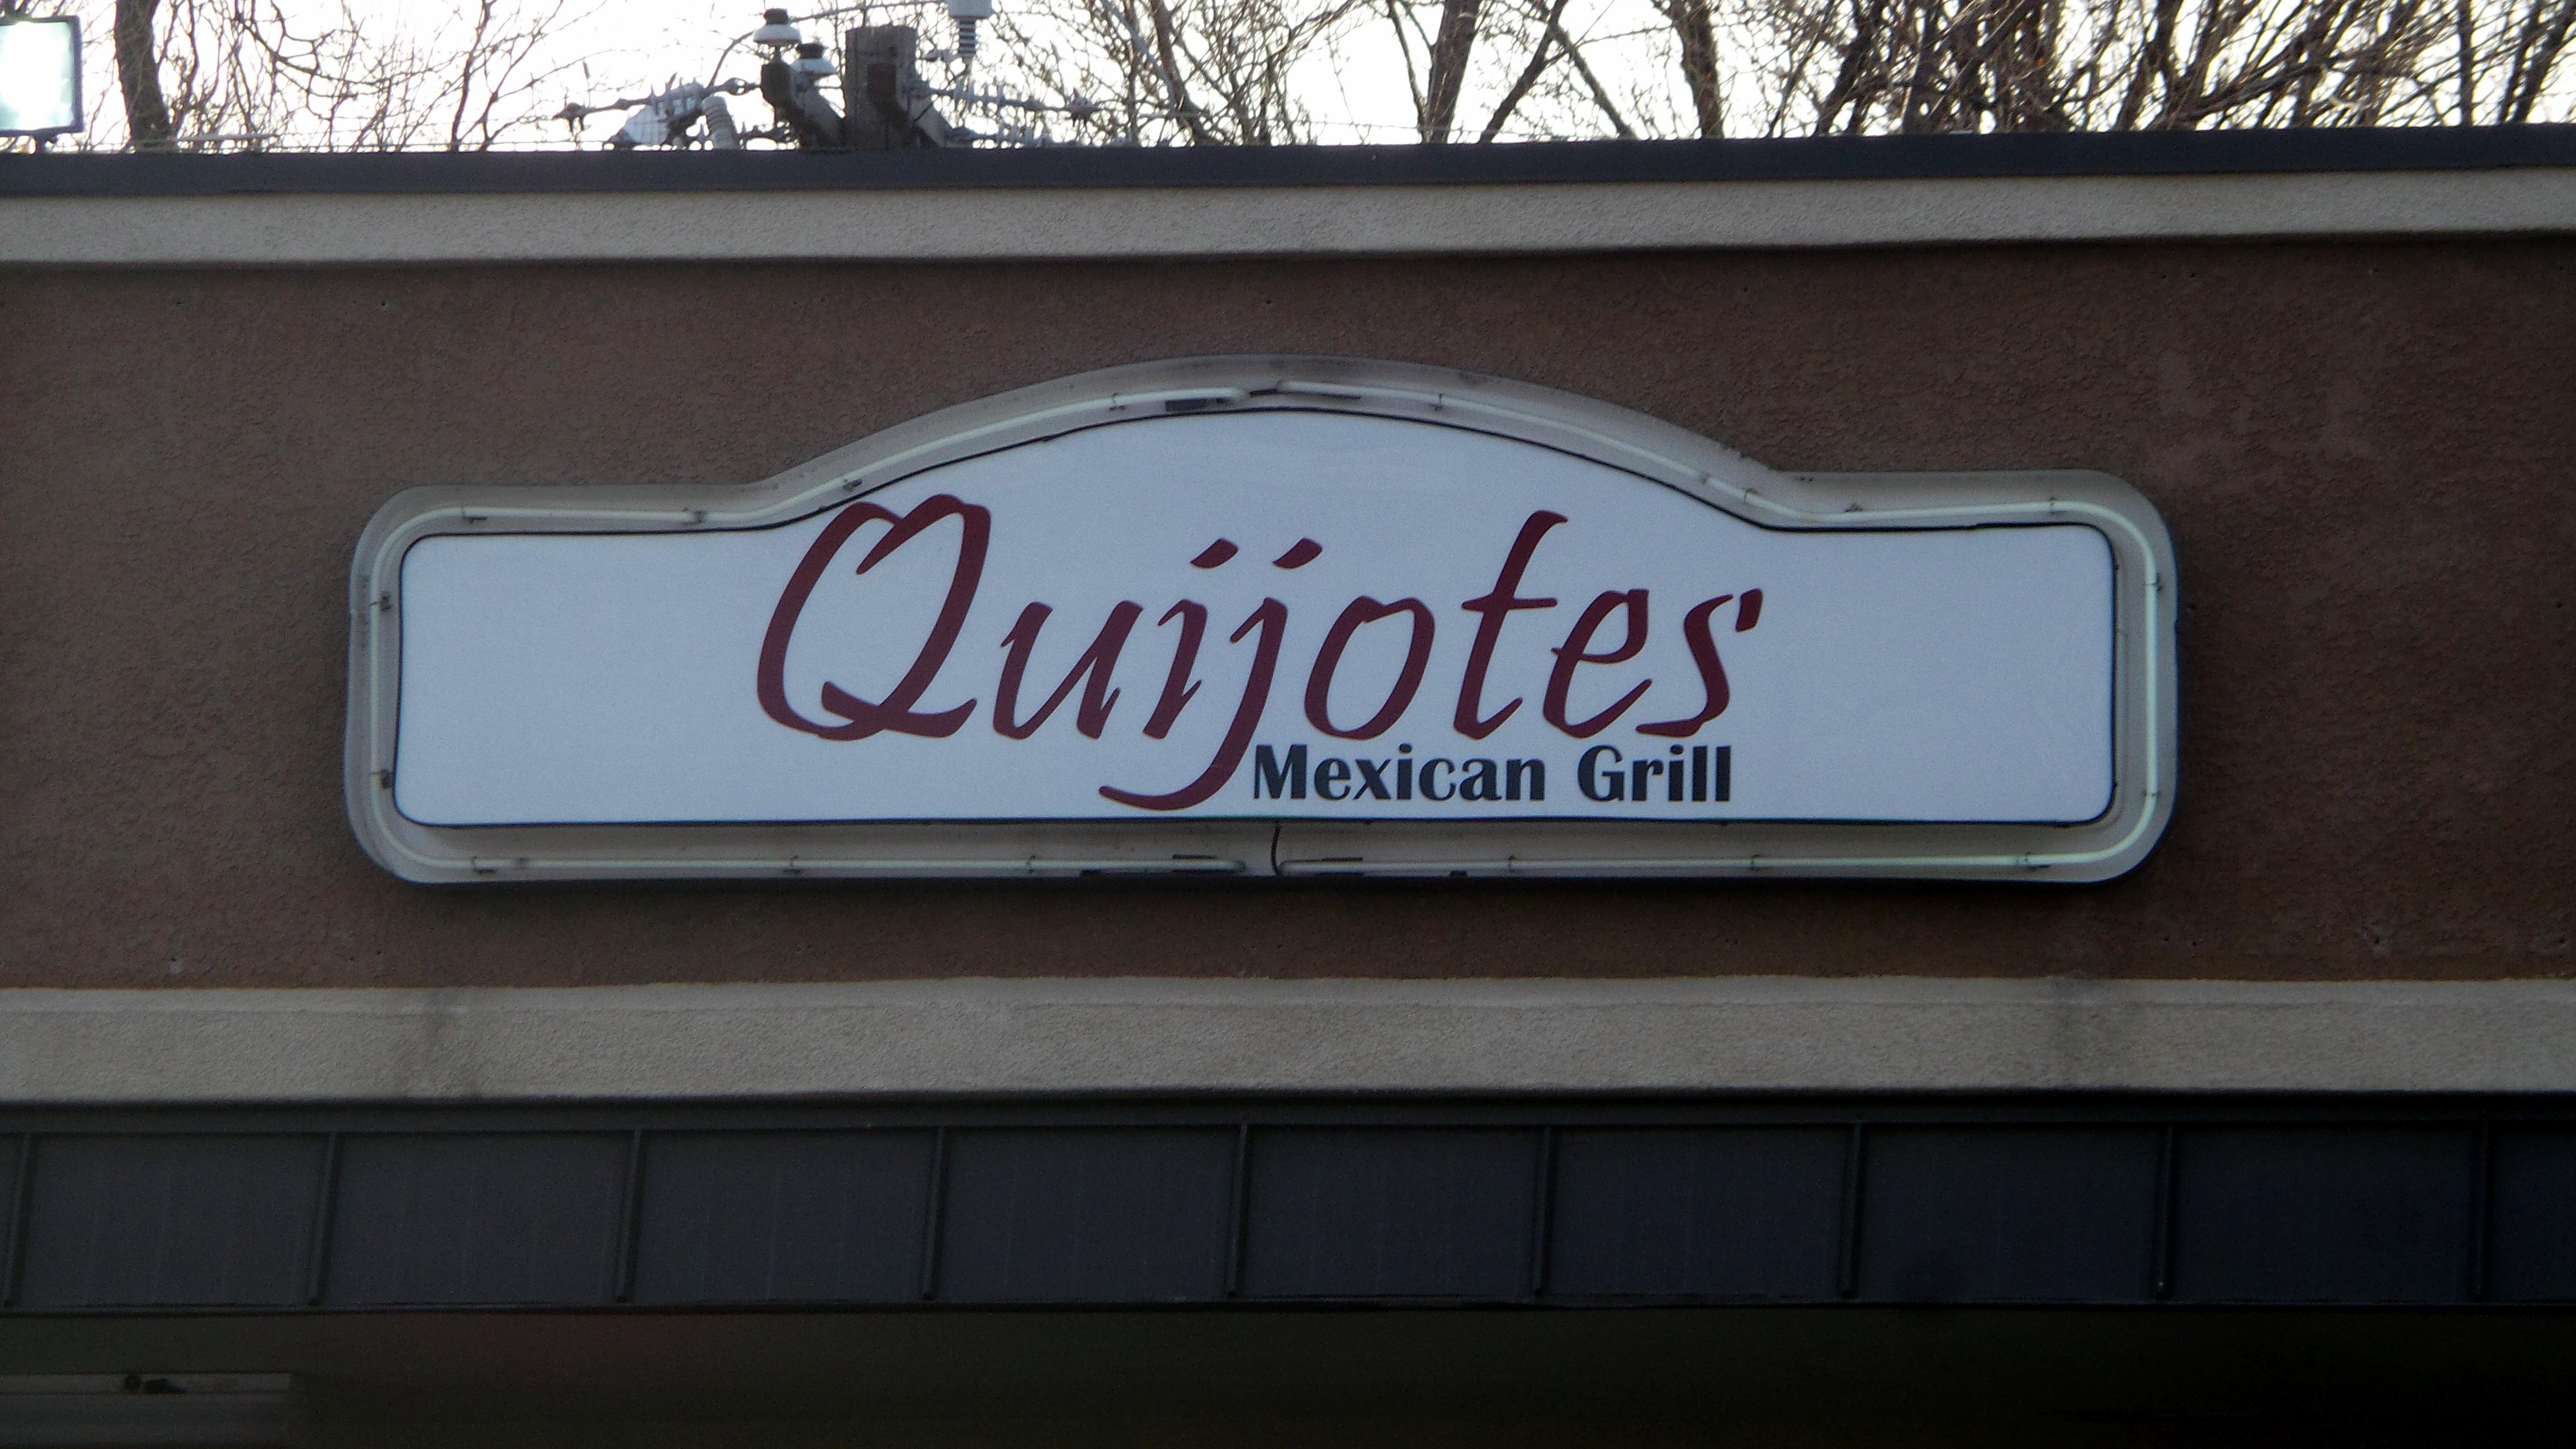 quijotes mexican grill menu